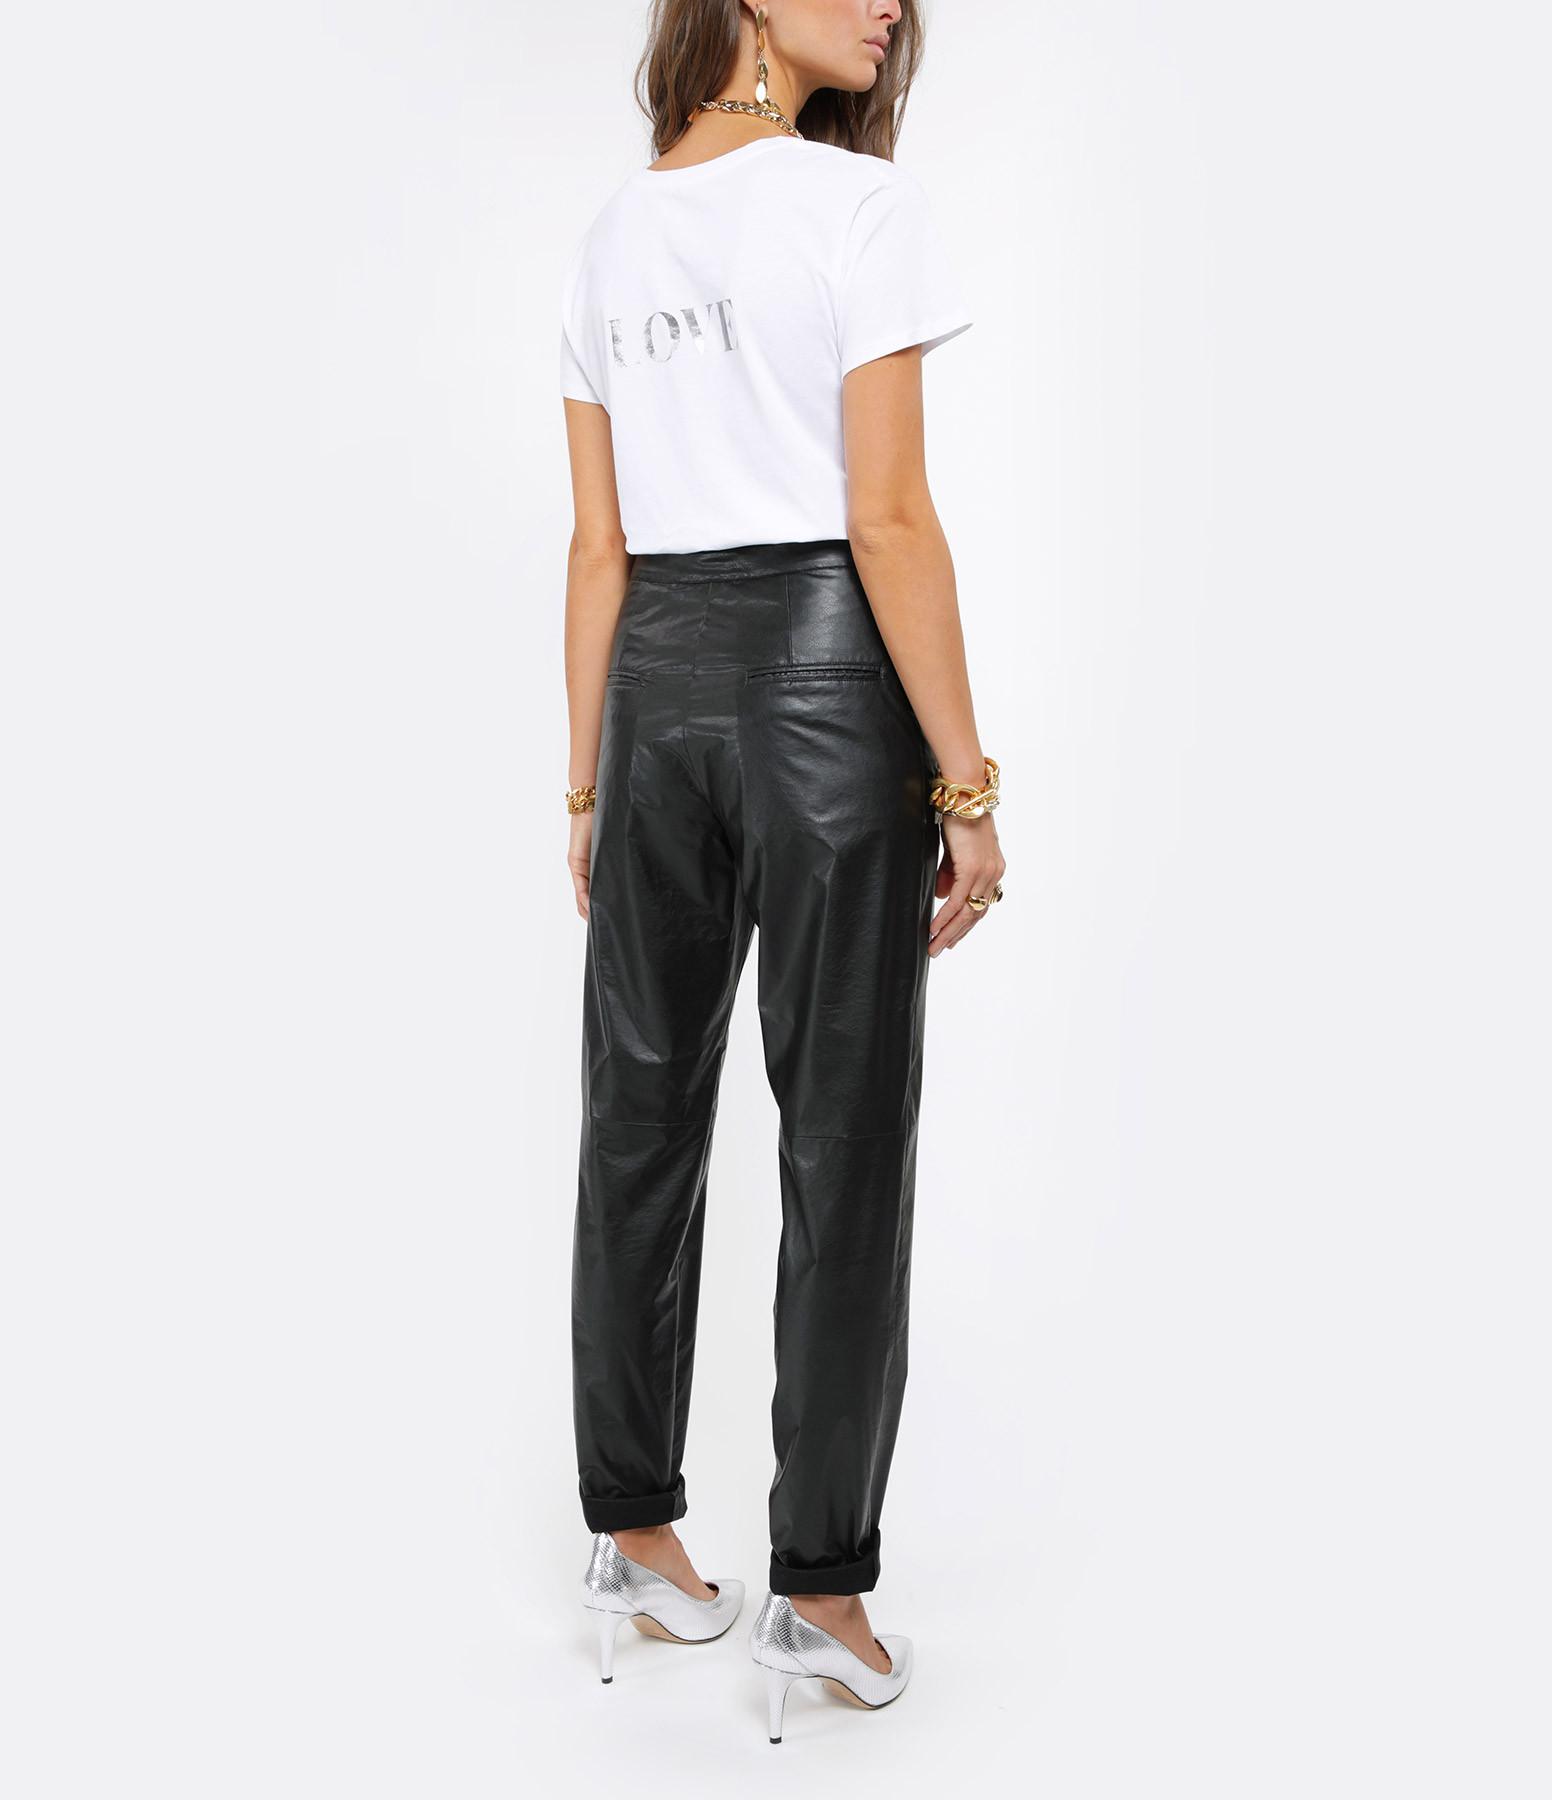 JEANNE VOULAND - Tee-shirt Cris Rock Love Coton Blanc Argent